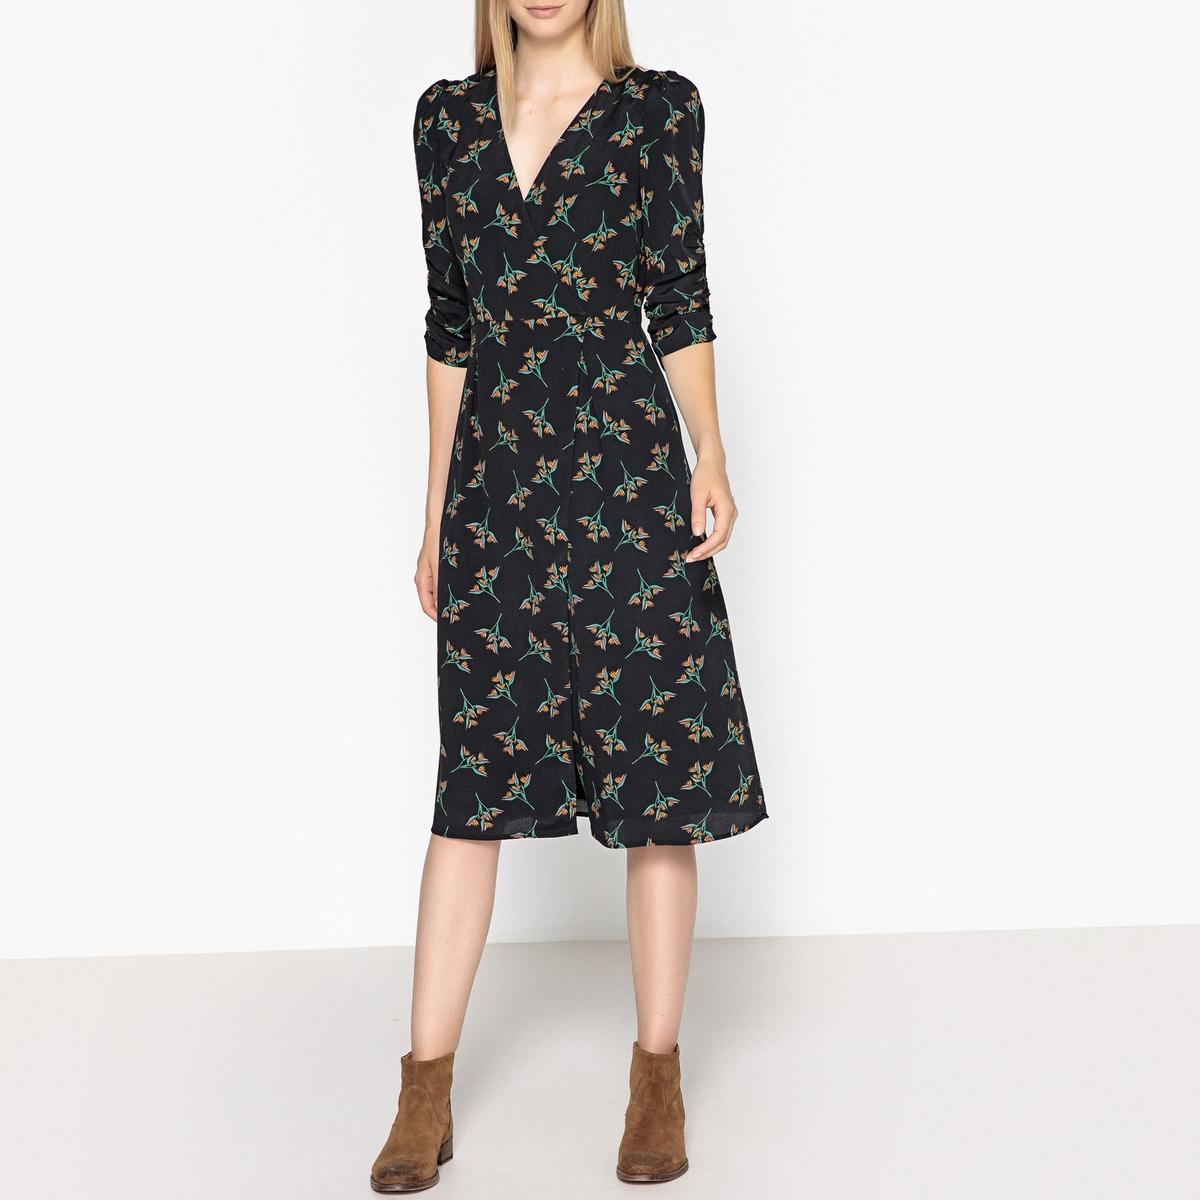 Платье расклешённое с цветочным рисунком FANNY платье футляр с цветочным рисунком